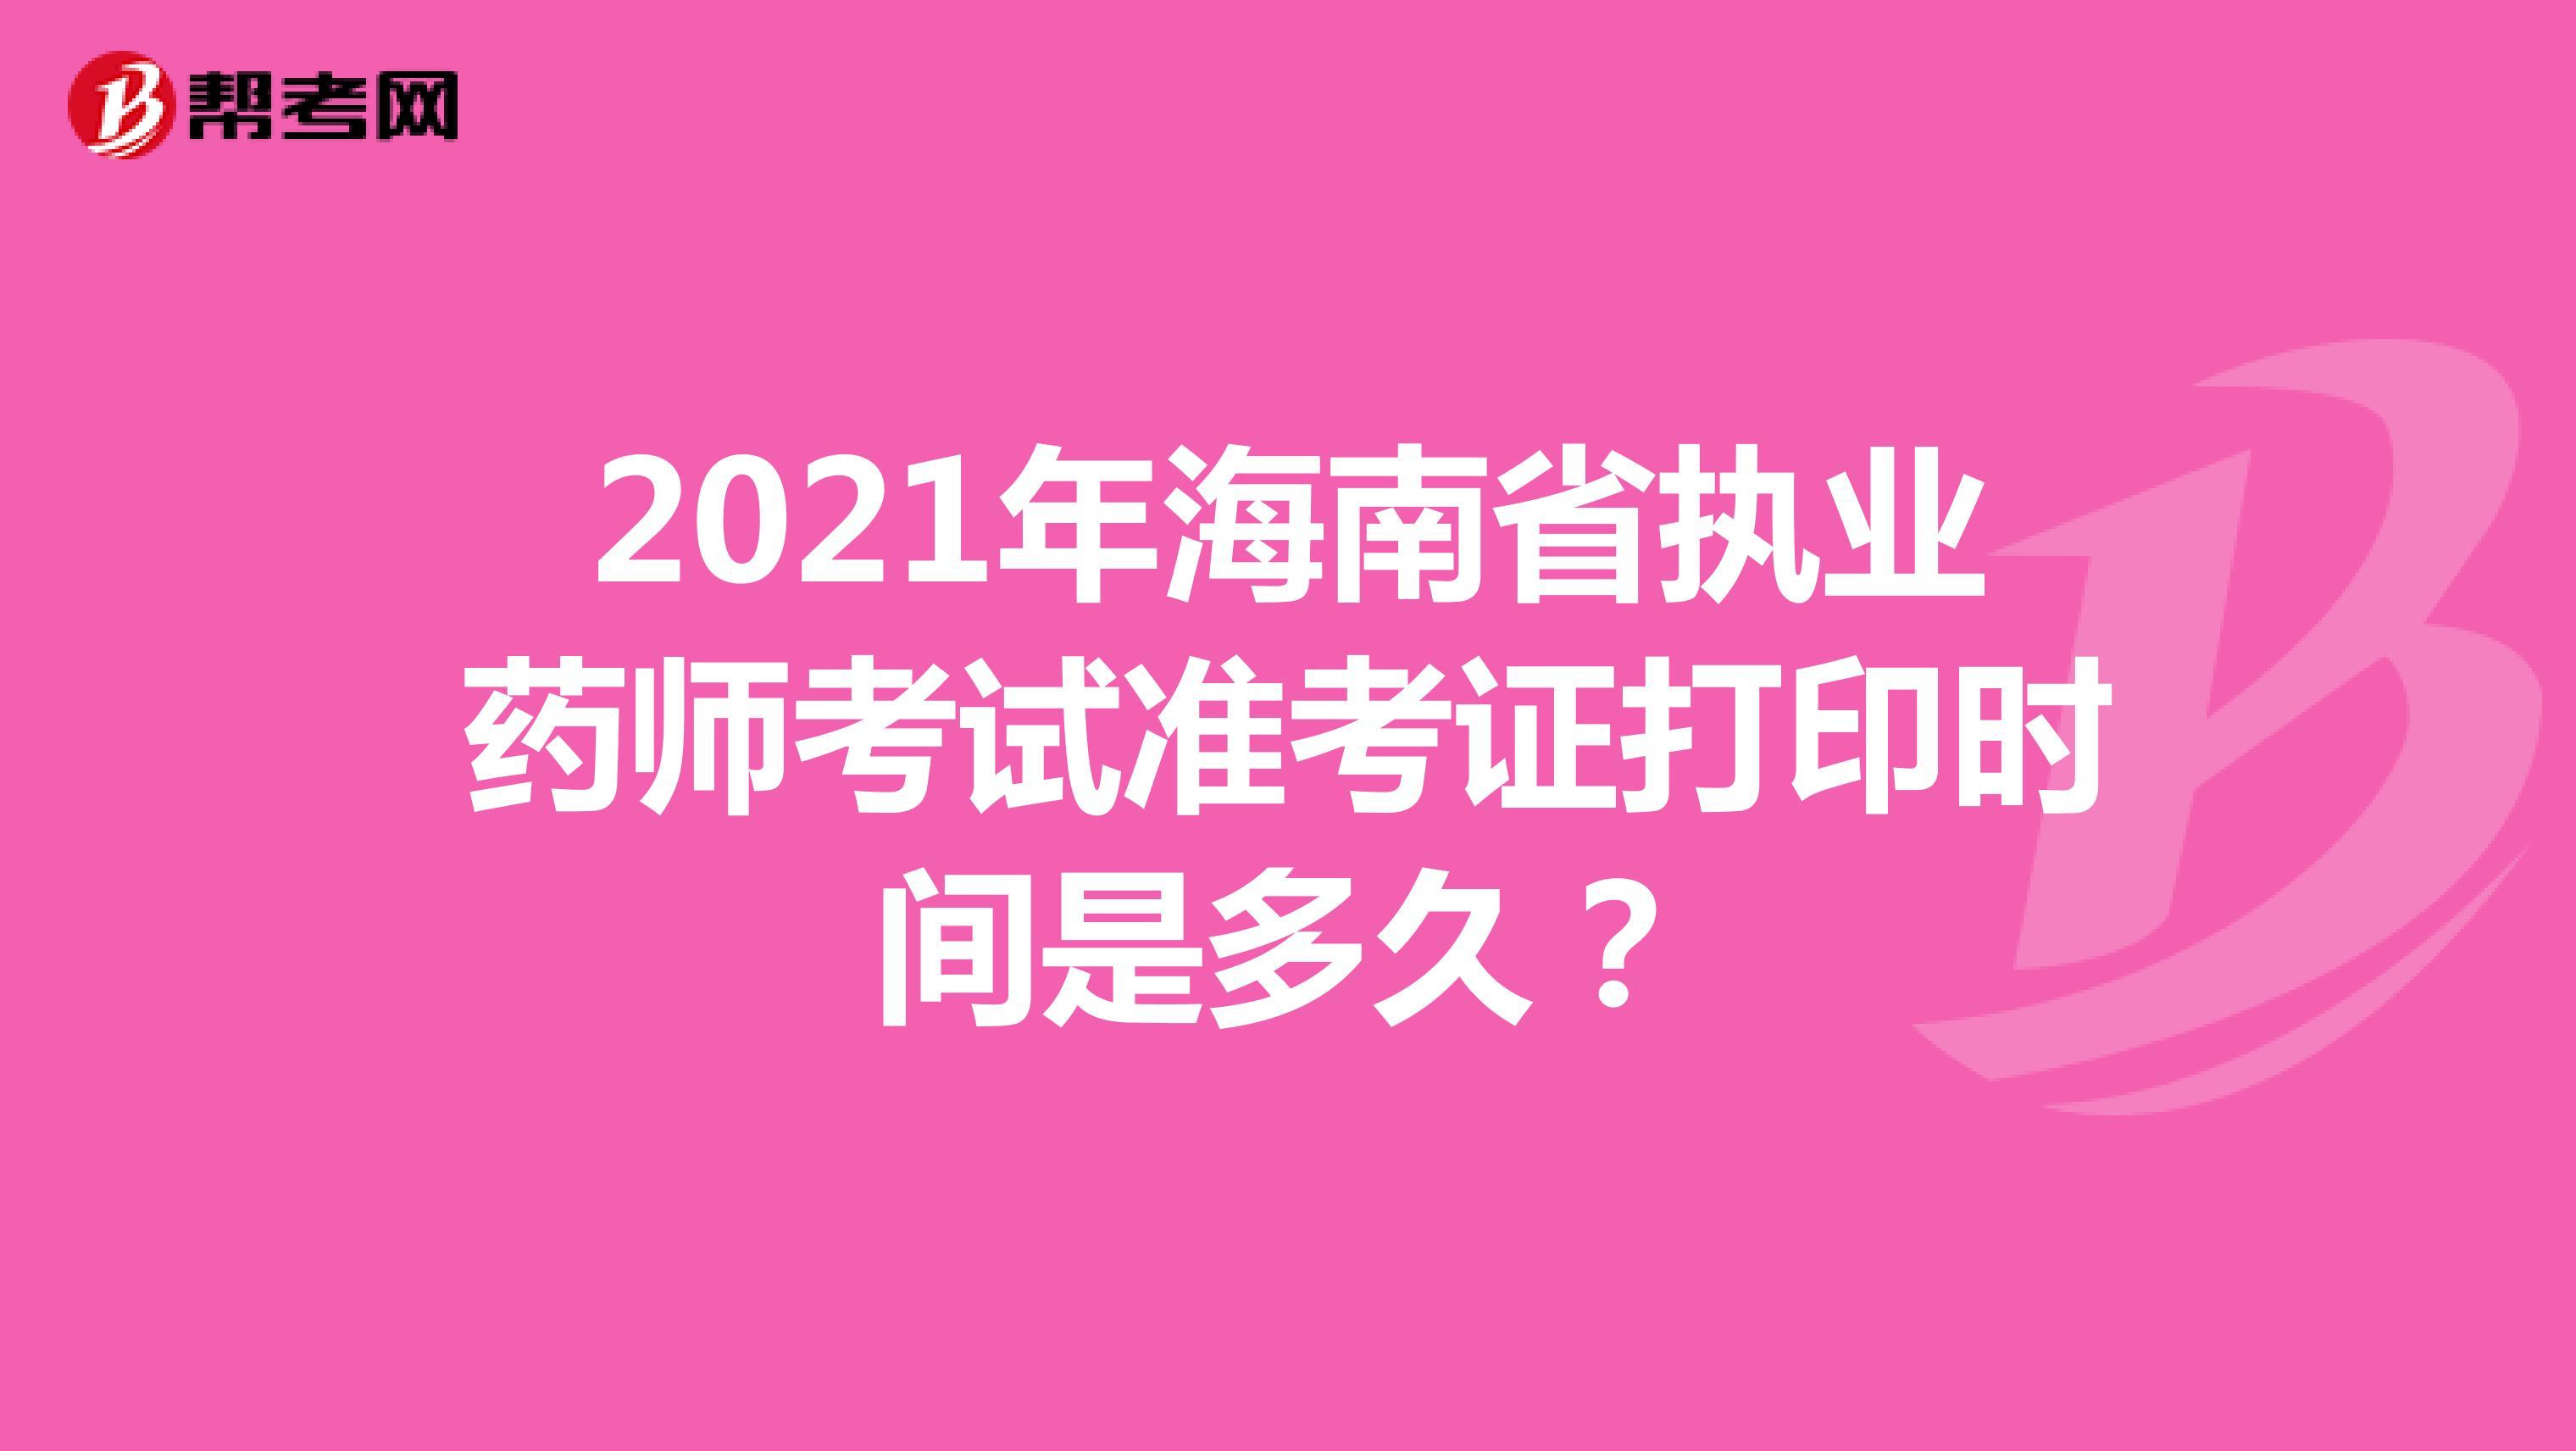 2021年海南省执业药师考试准考证打印时间是多久?